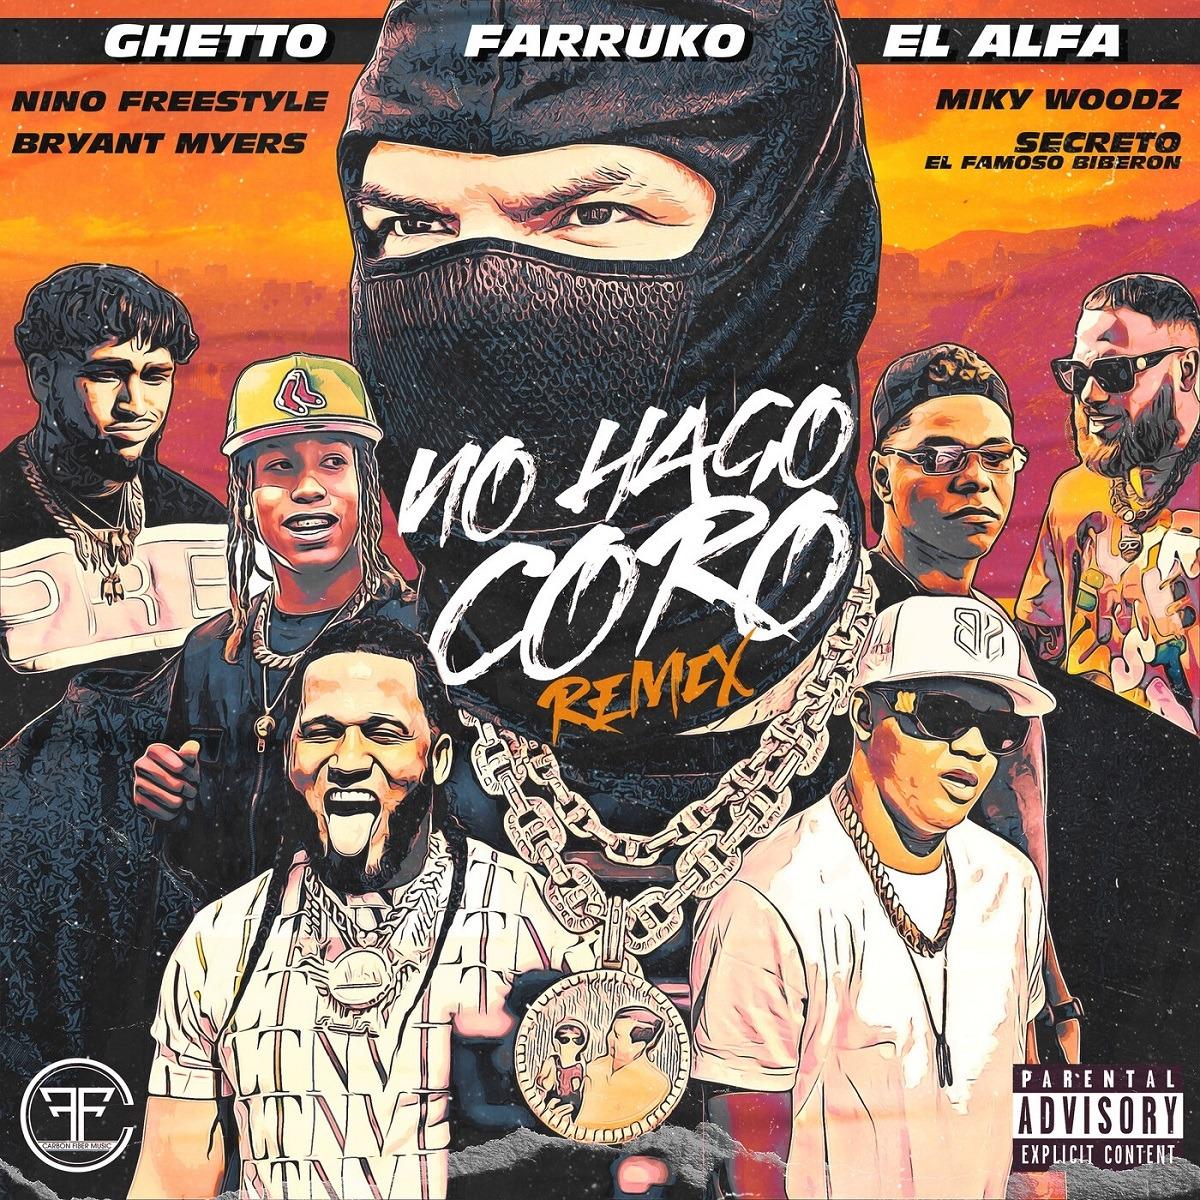 Farruko, Ghetto & El Alfa No Hago Coro (remix)